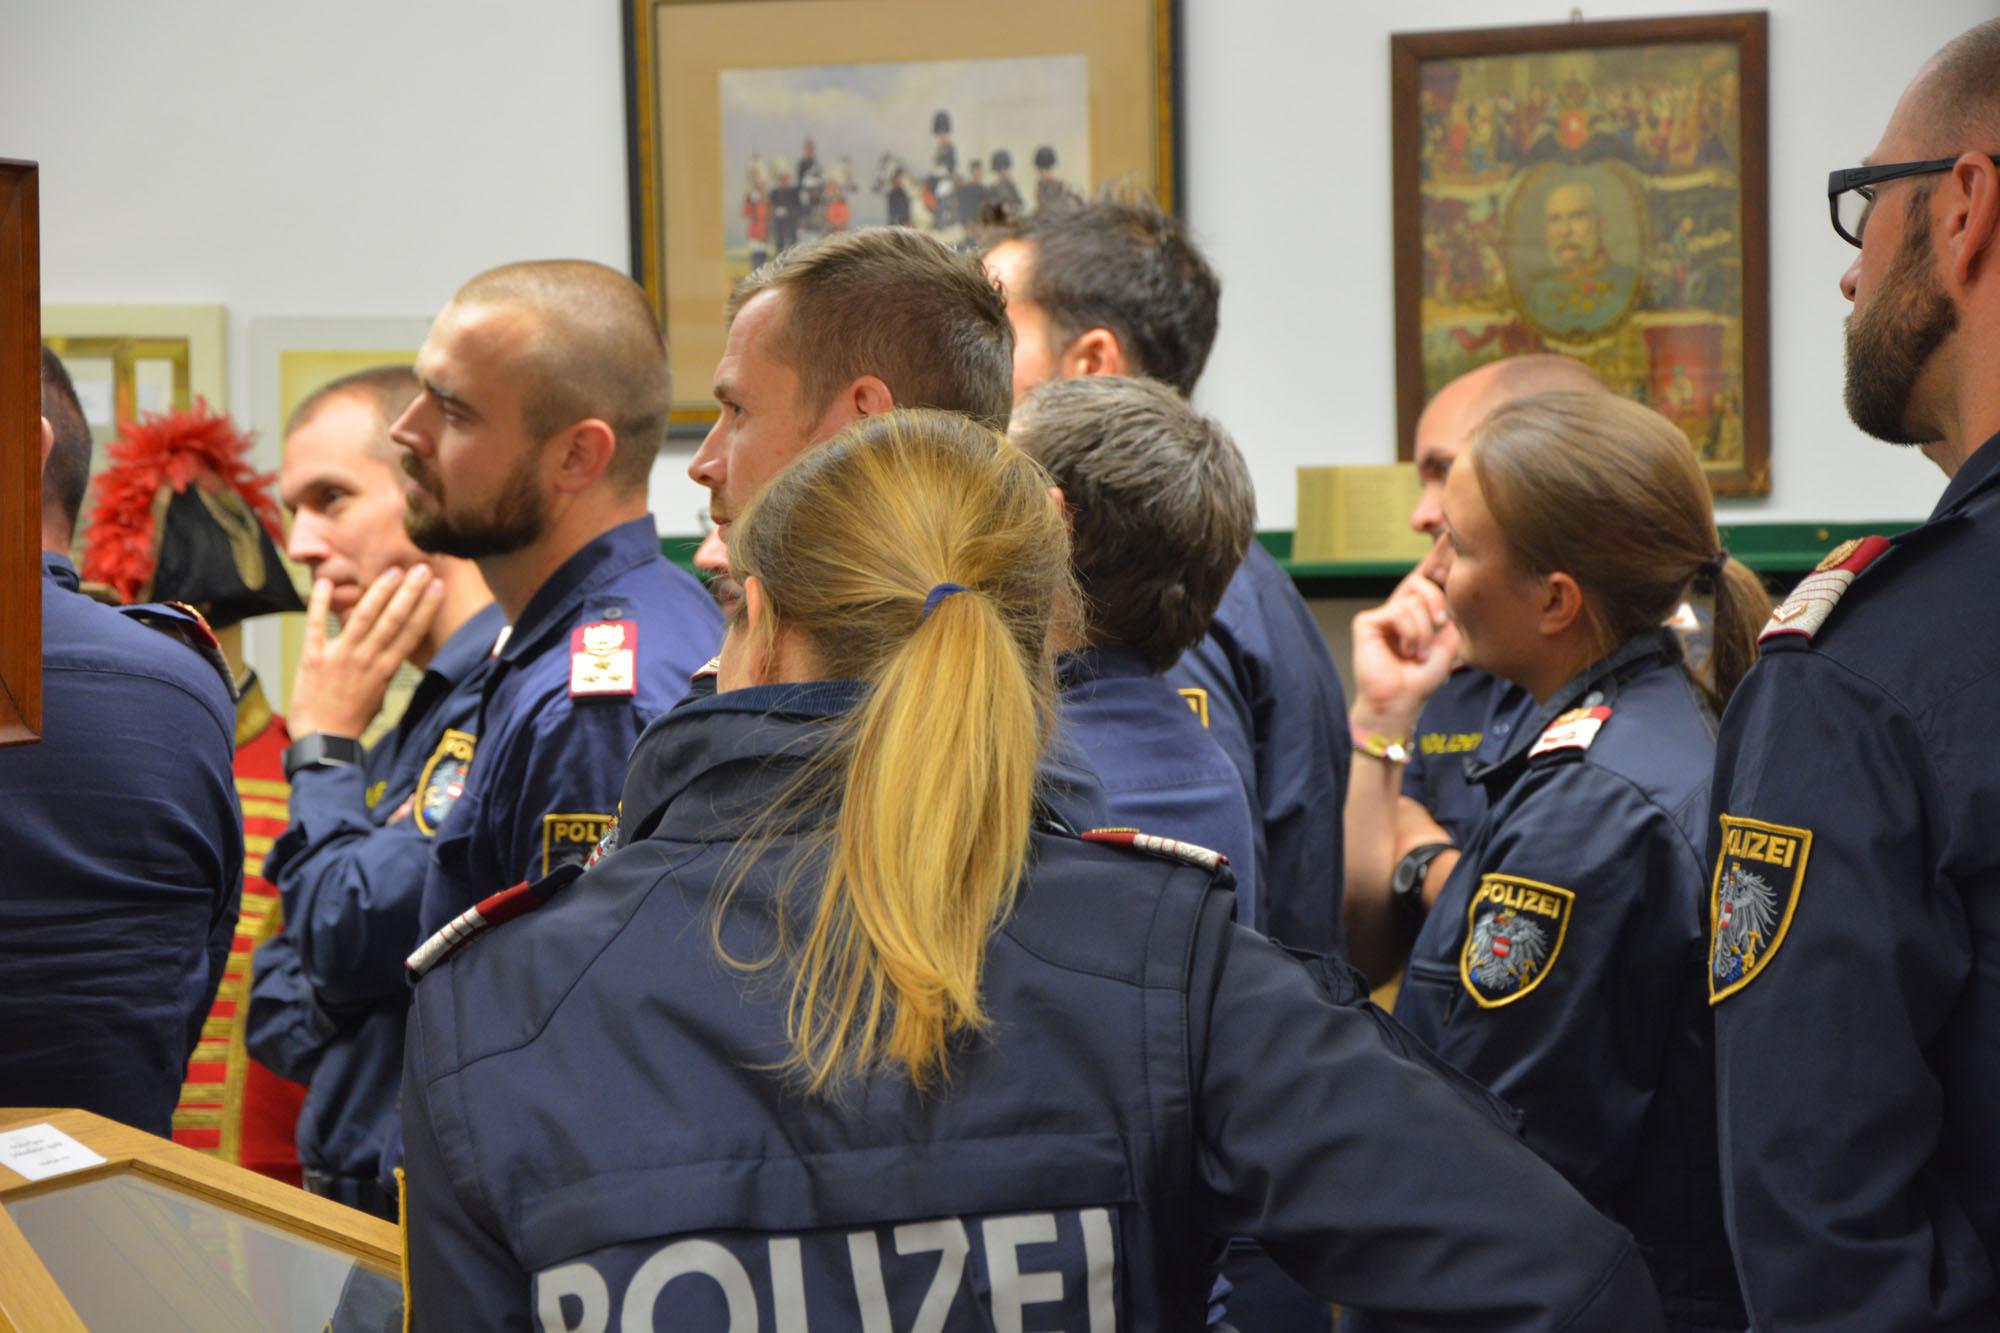 2019_09_19_Garde_Polizei_Traditionsraum-Offiziersanwärter_005